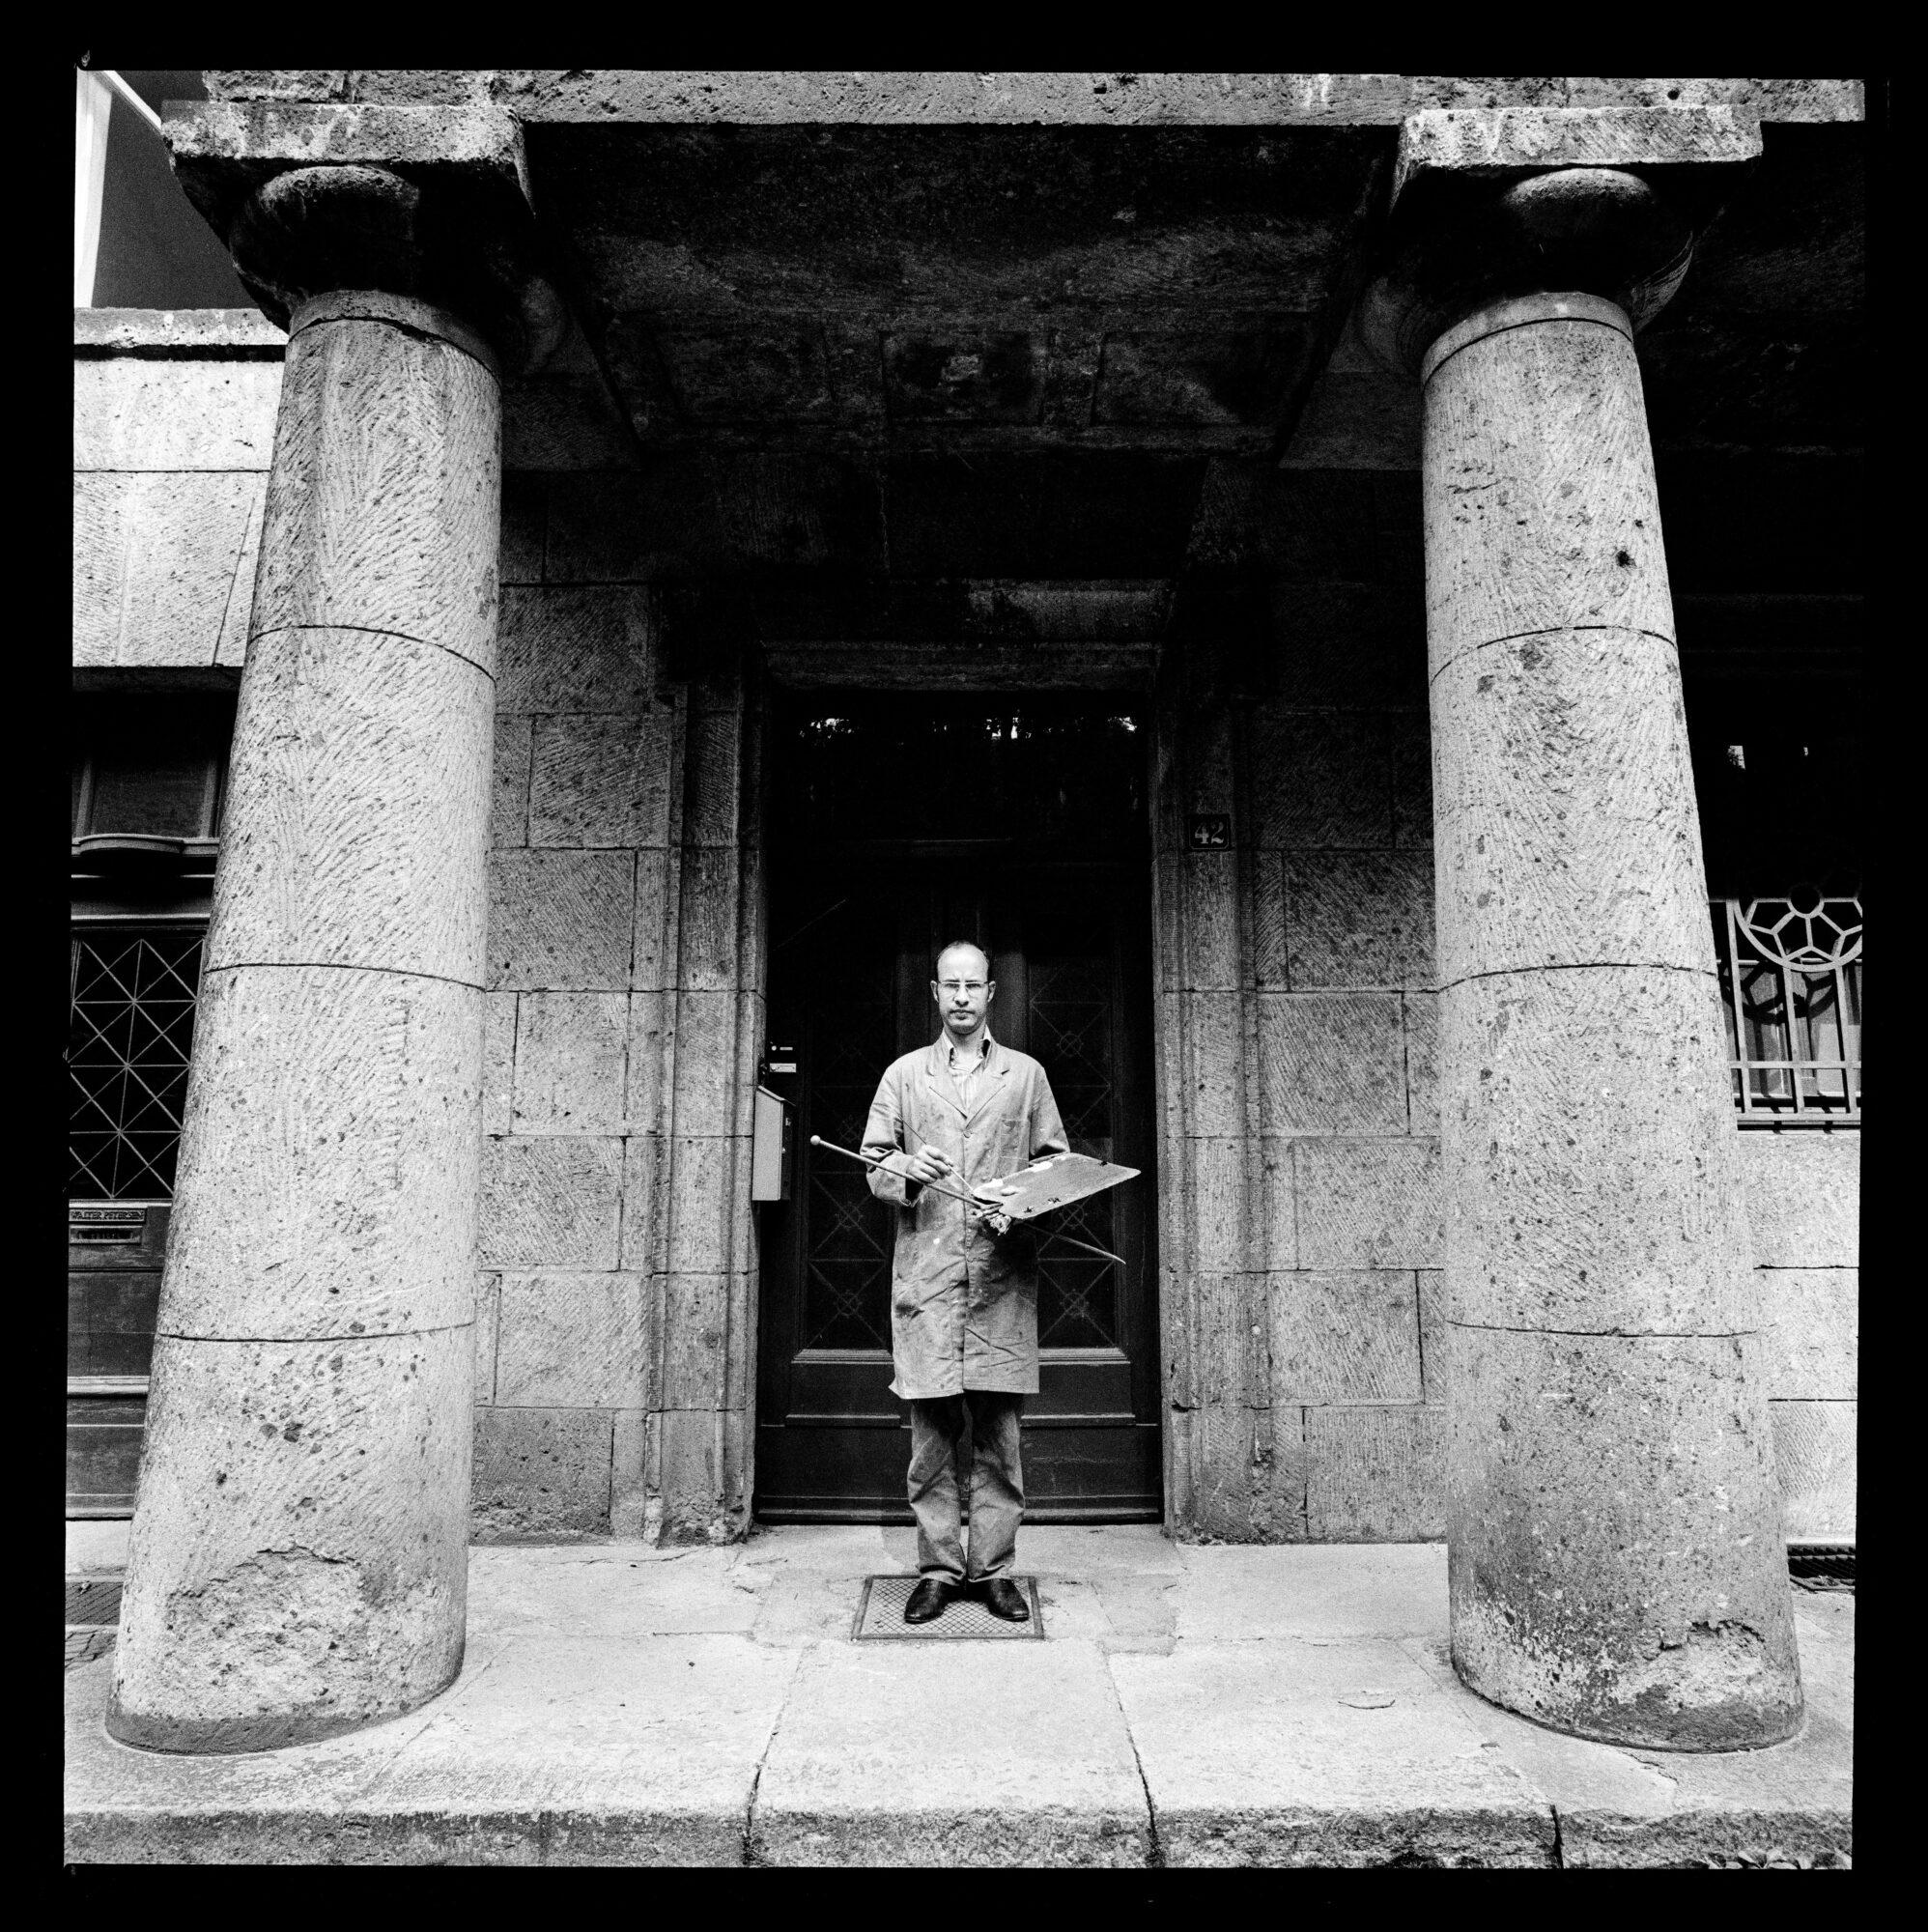 Zomerexpositie Museum MORE toont werk van Konrad Klapheck; Zestig jaar kunstenaarschap in zestig werken